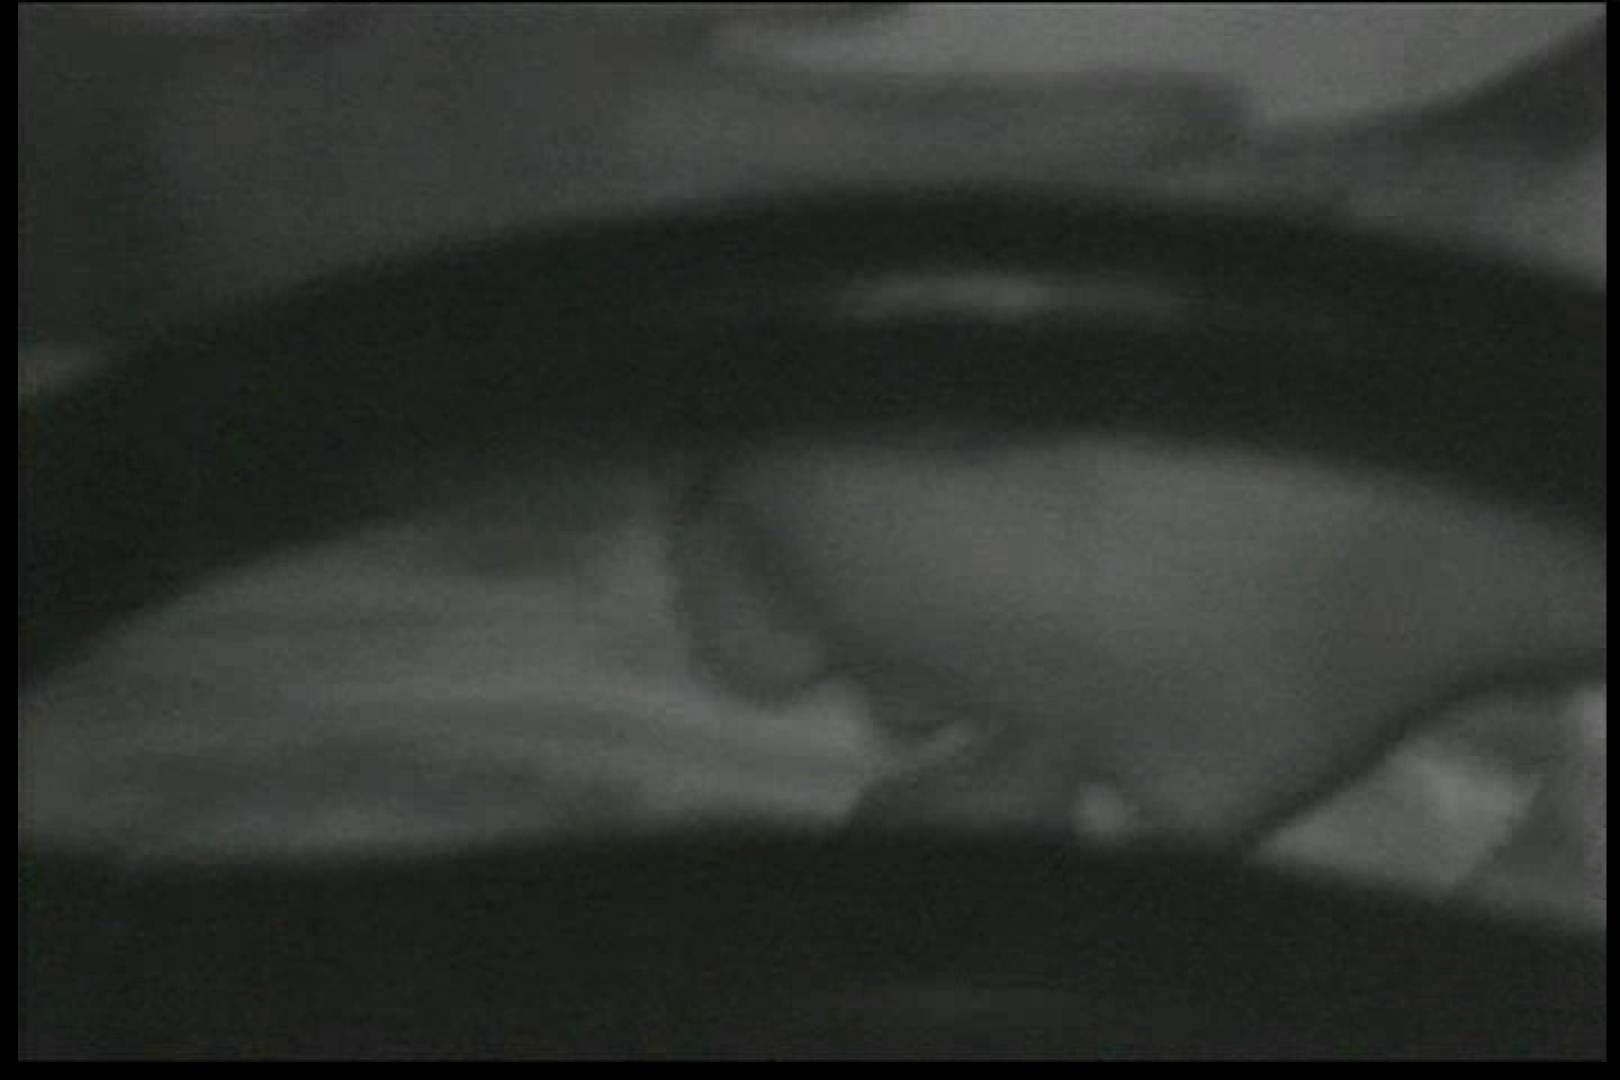 車の中はラブホテル 無修正版  Vol.12 感じるセックス オマンコ動画キャプチャ 109連発 91